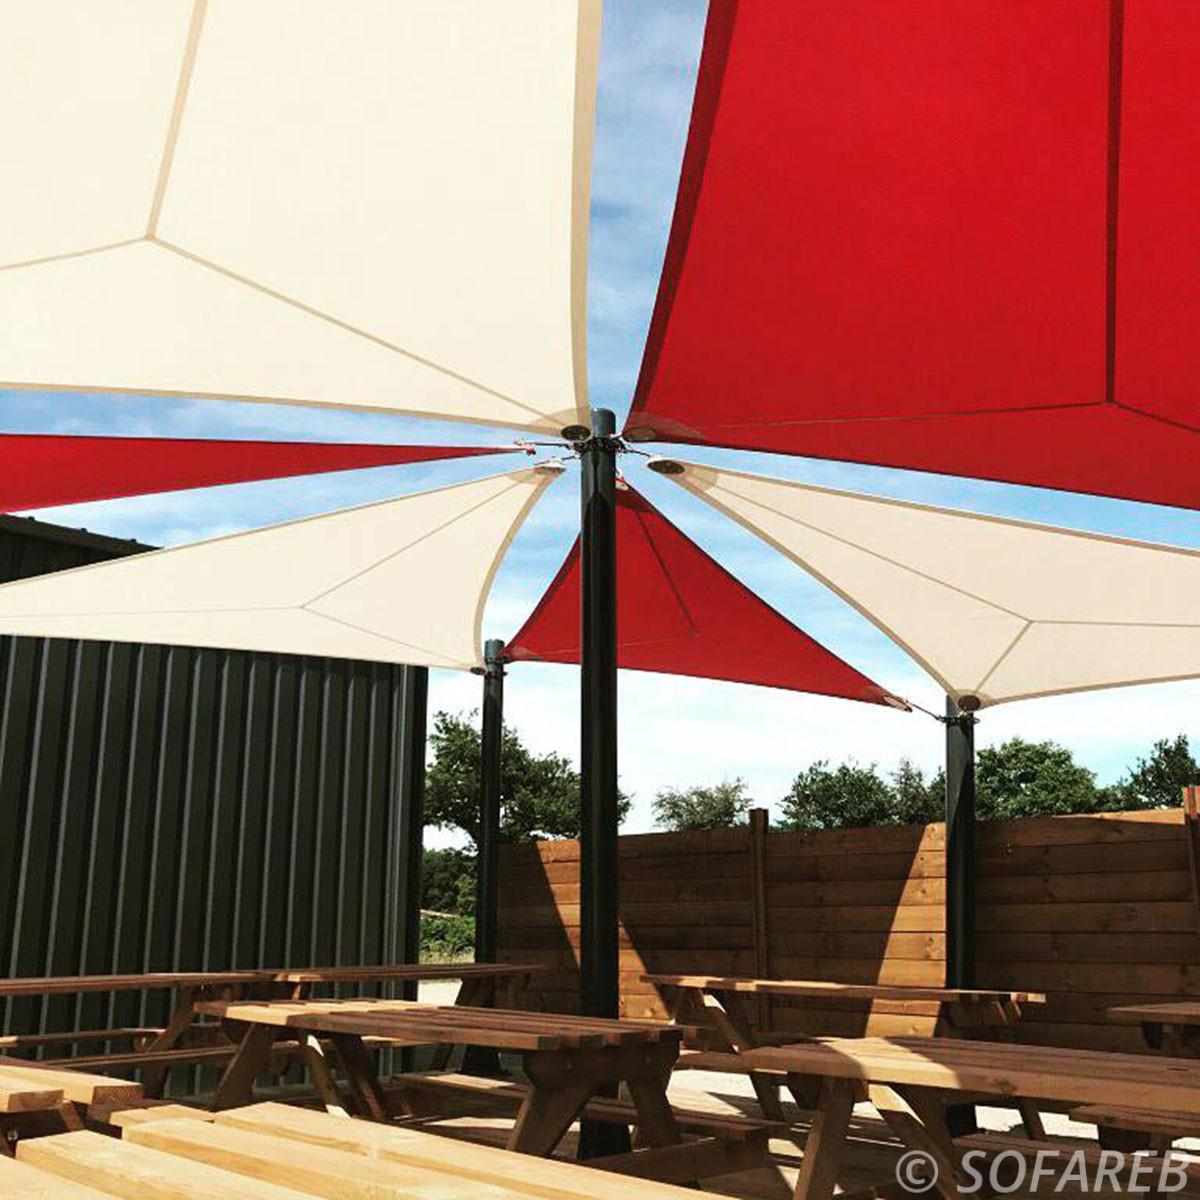 Voiles dombrage triangulaires design rouges et blanches au dessus de la terrasse en bois dun restaurant en Vendée